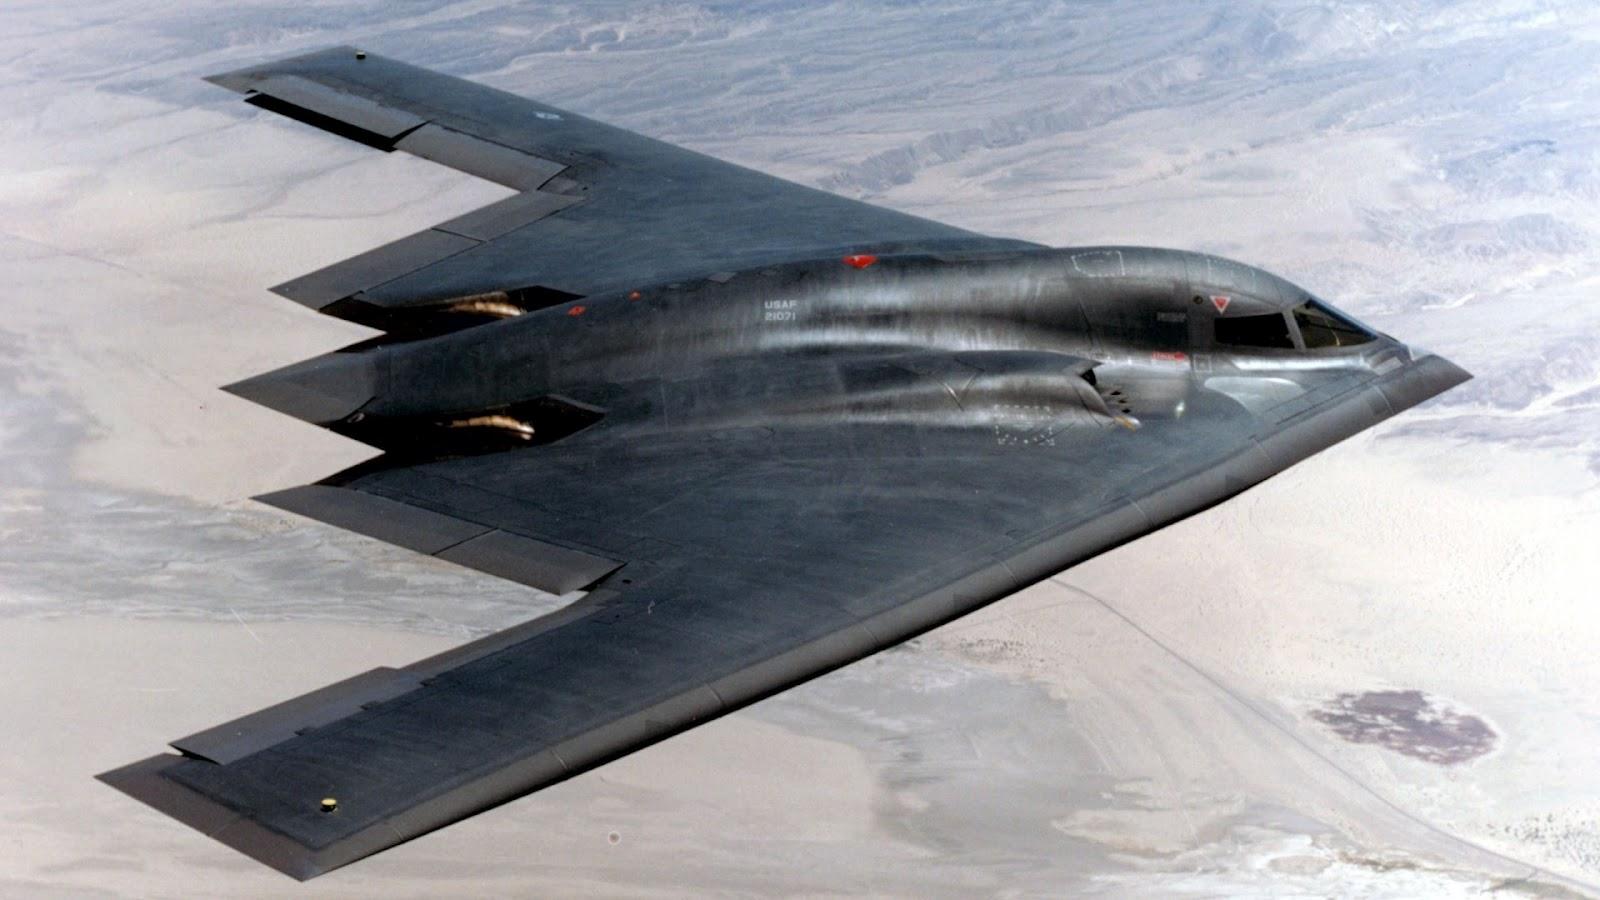 http://1.bp.blogspot.com/-BYULeWNuRQw/UCKUwlg4IpI/AAAAAAAACkQ/cb9sUm1CLB4/s1600/b2-stealth-bomber-1920x1080_wallpaper.jpg